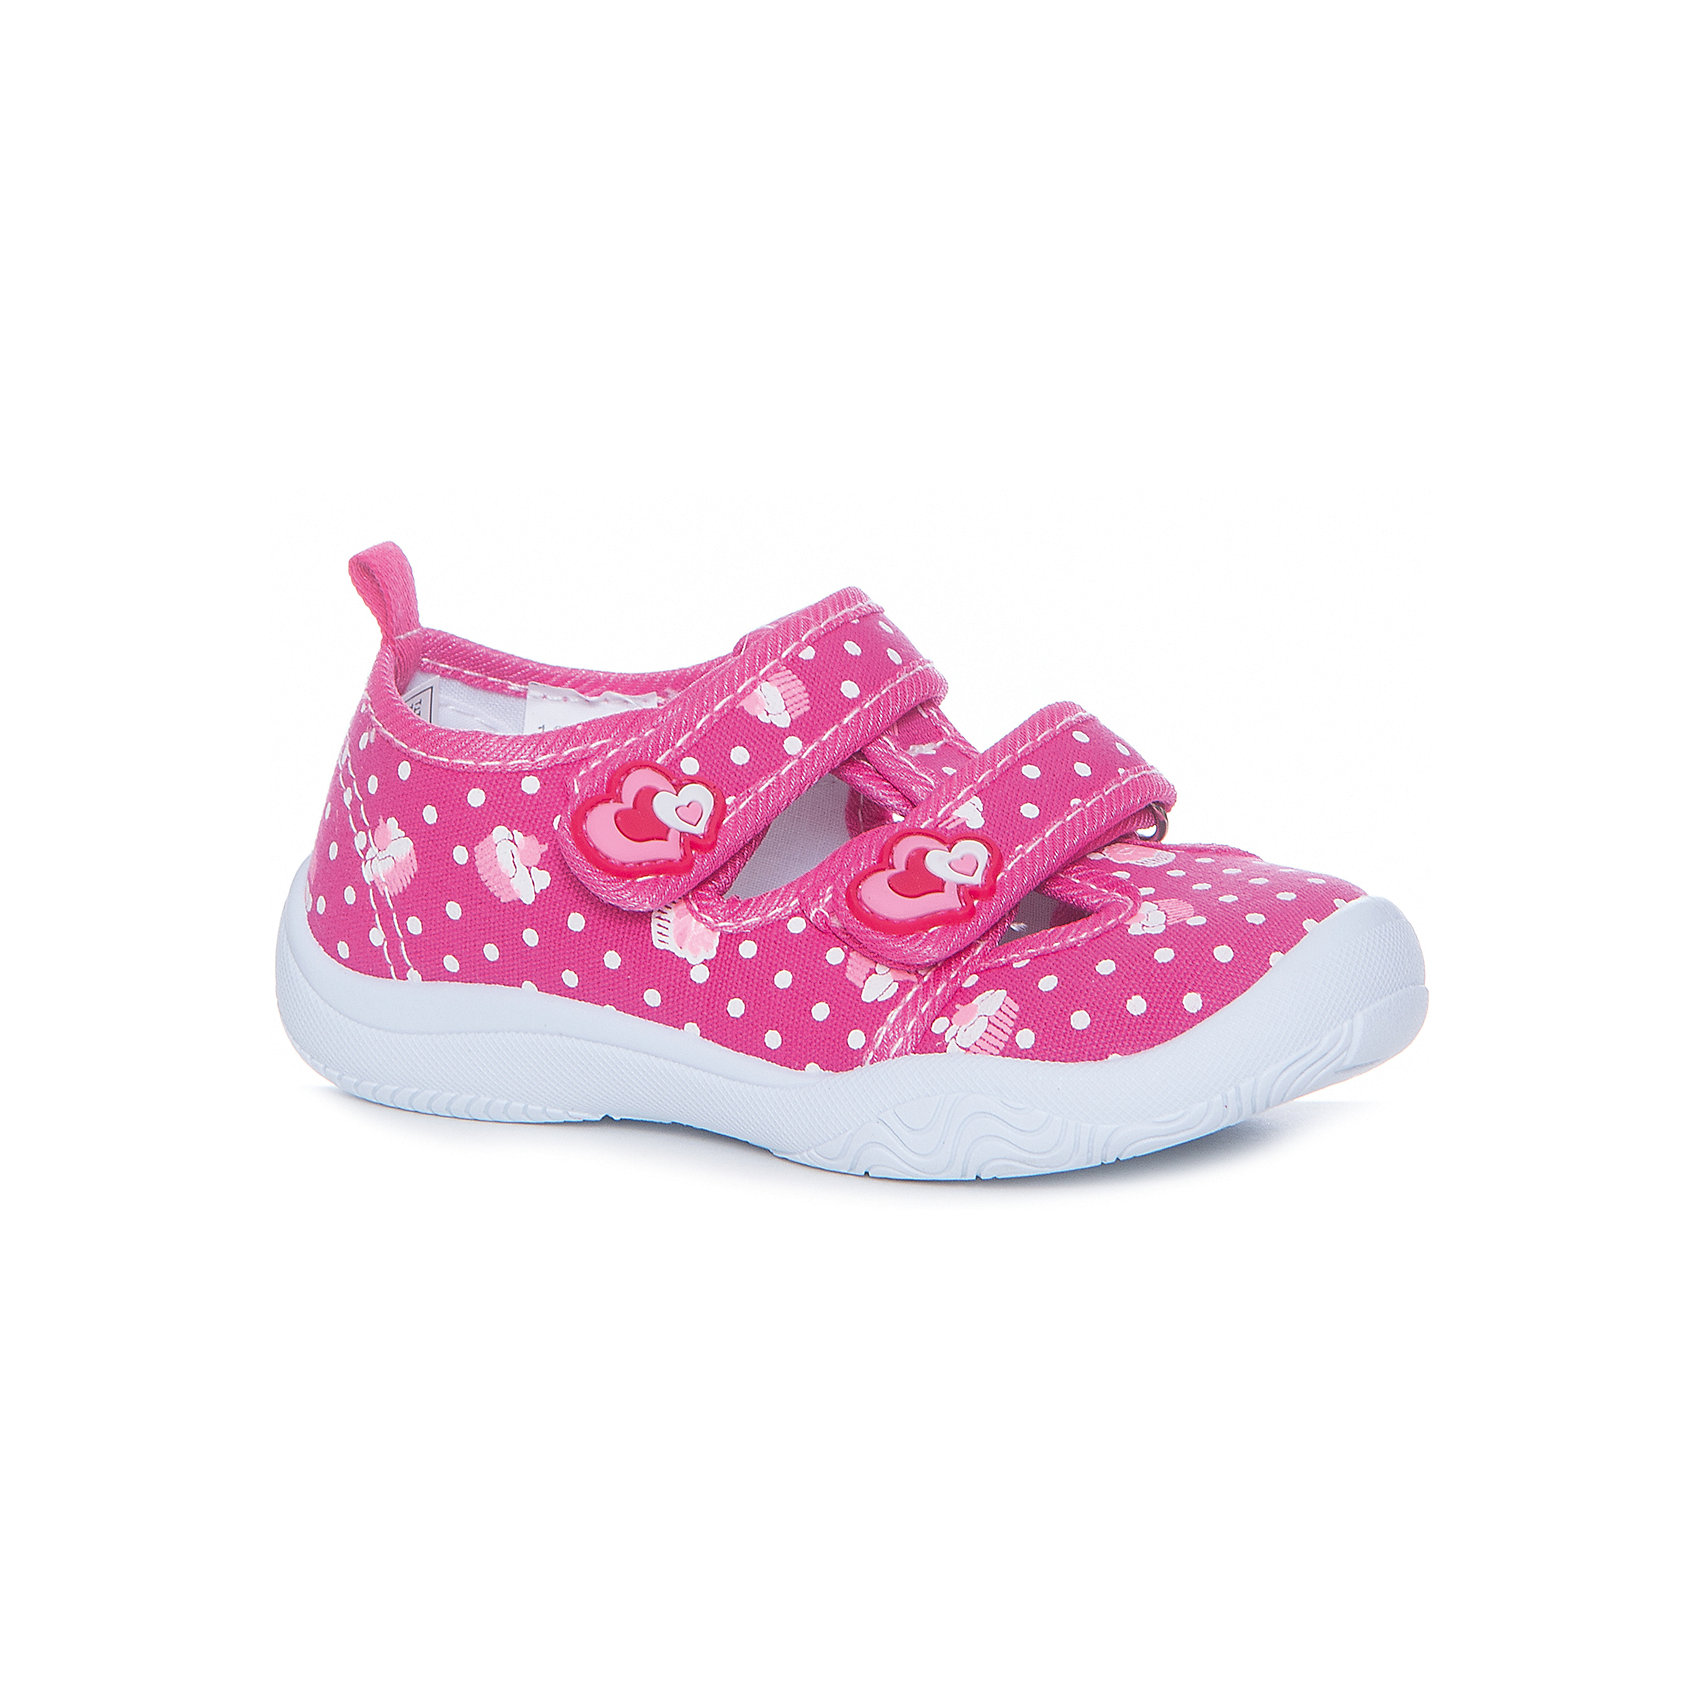 Сандалии для девочки MURSUОбувь<br>Текстильная обувь для девочки MURSU<br>Состав: <br>Материал верха: хлопок; Материал подкладки: хлопок; Материал подошвы: ПВХ; Материал стельки: натуральная кожа.<br><br>Ширина мм: 227<br>Глубина мм: 145<br>Высота мм: 124<br>Вес г: 325<br>Цвет: фуксия<br>Возраст от месяцев: 24<br>Возраст до месяцев: 24<br>Пол: Женский<br>Возраст: Детский<br>Размер: 25,20,21,22,23,24<br>SKU: 5325695